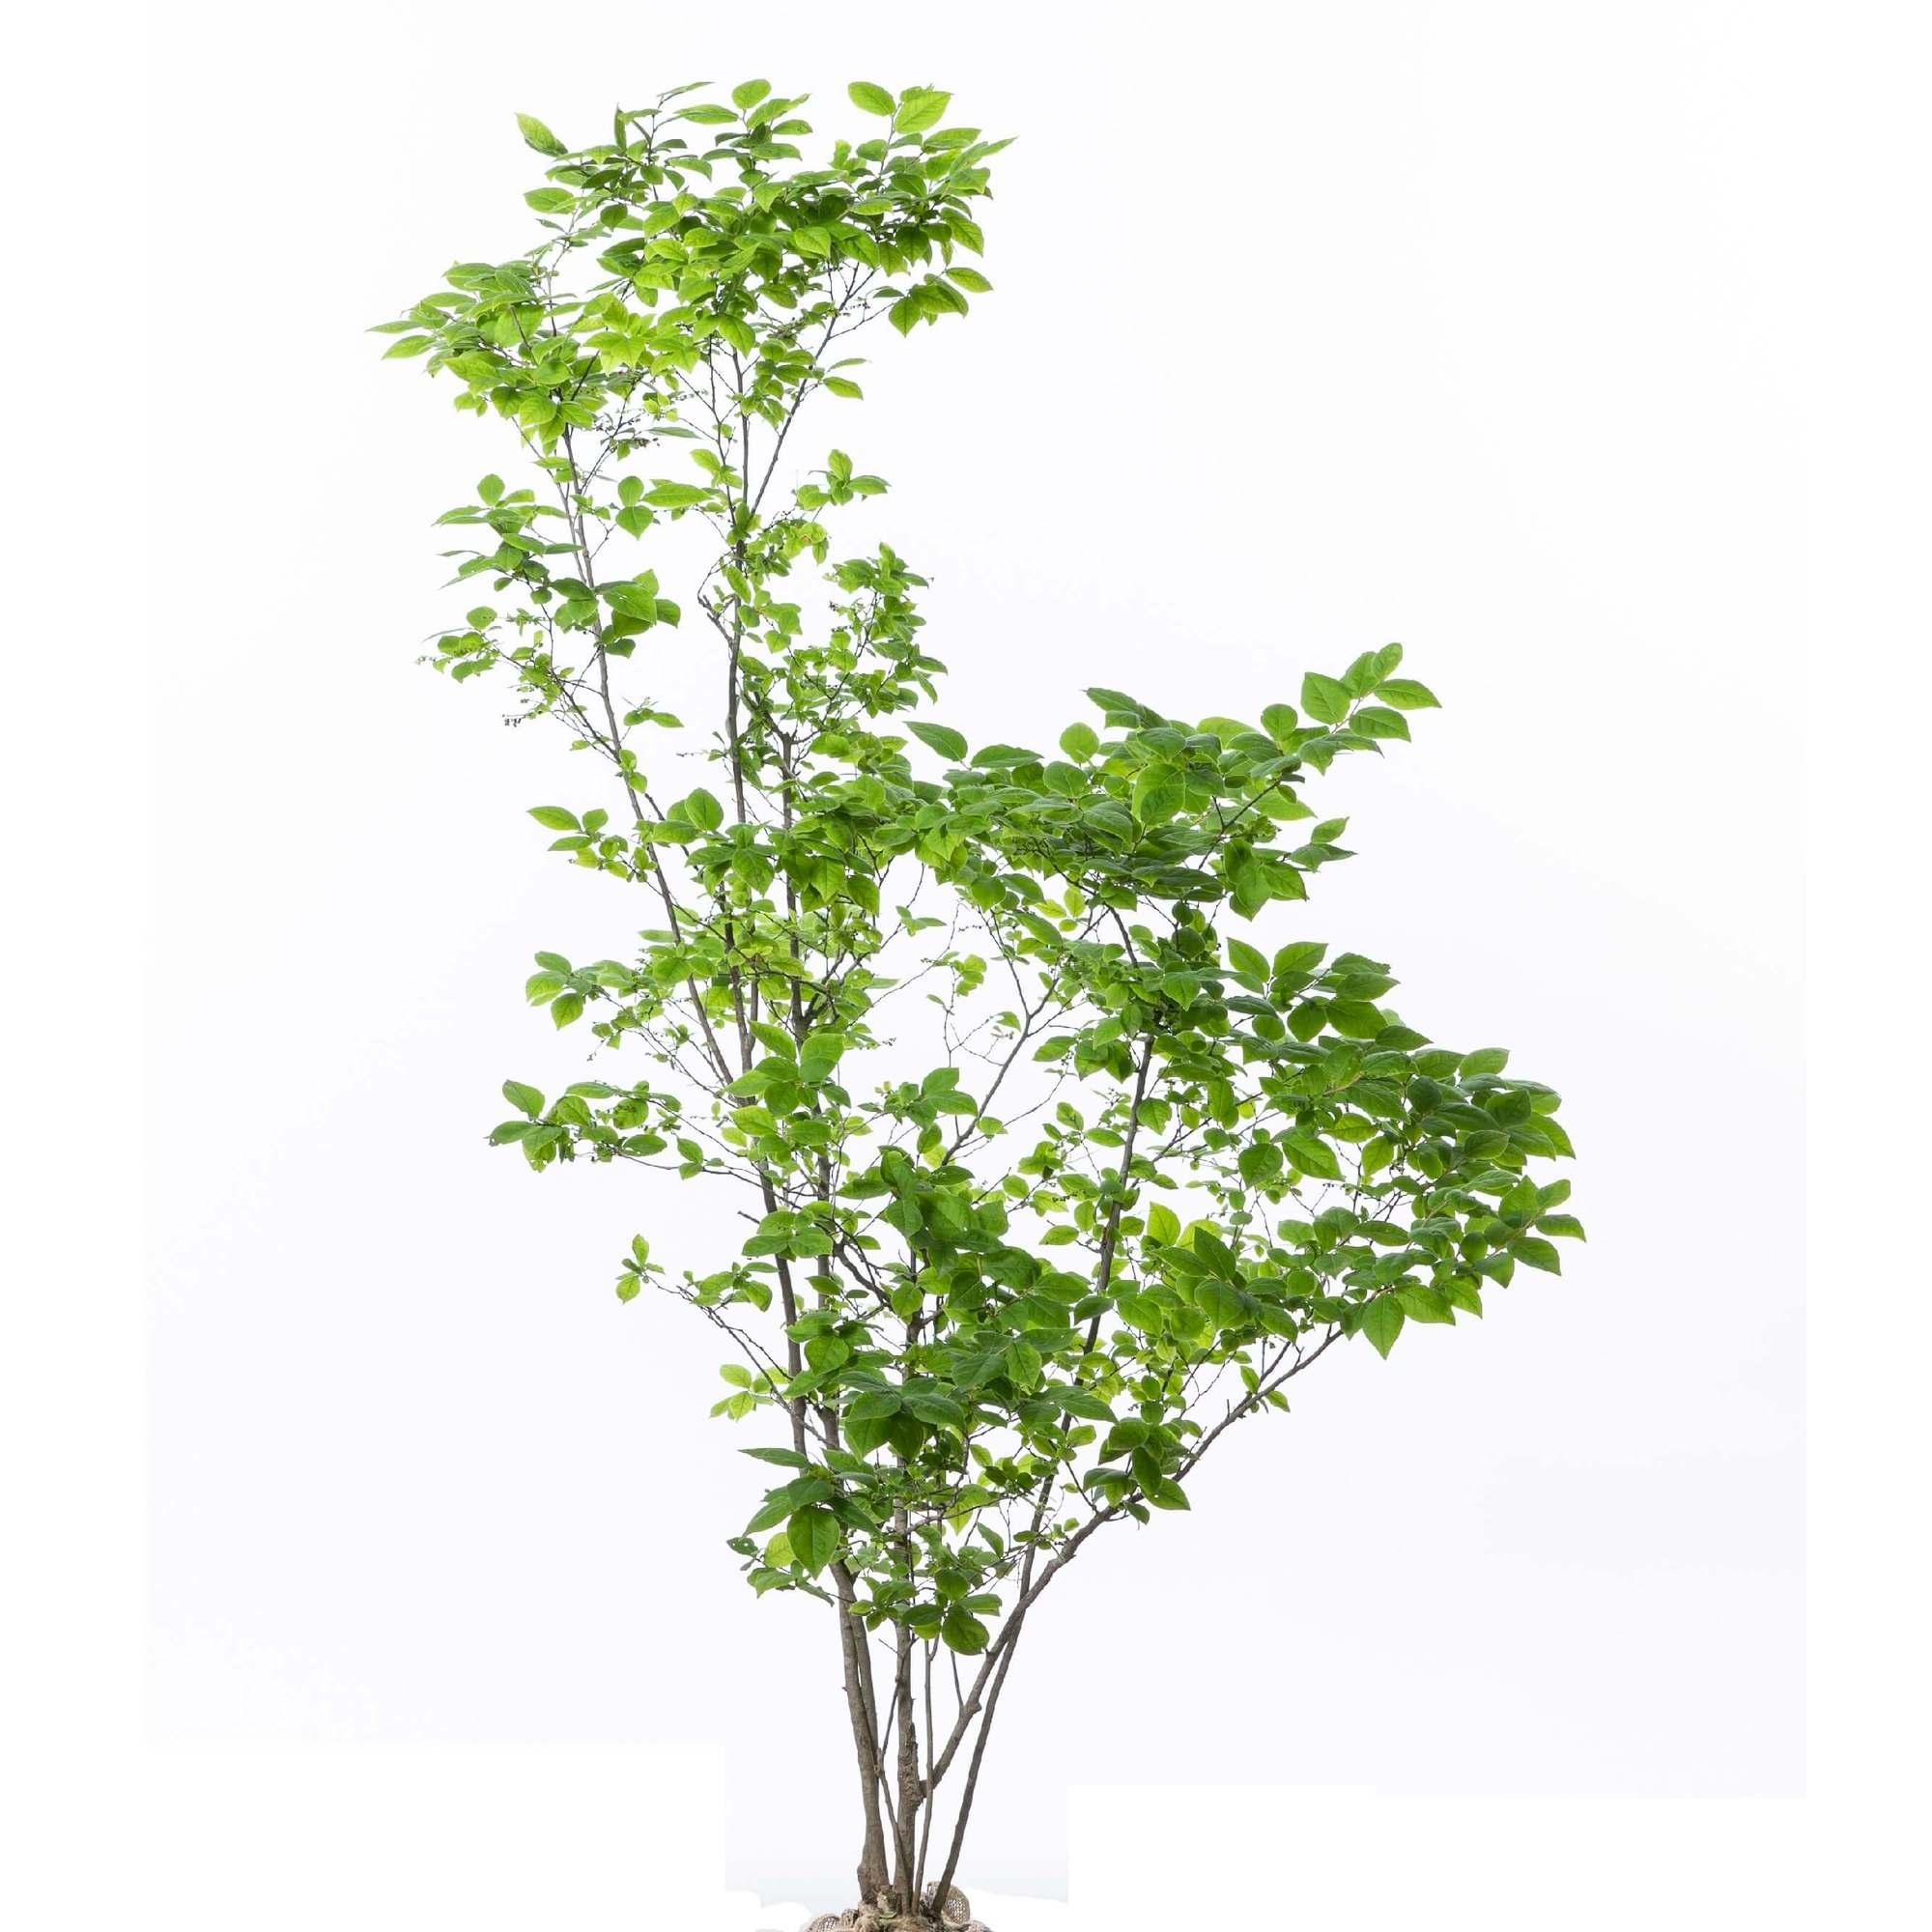 ナツハゼ 庭木 植栽 落葉中低木 夏櫨